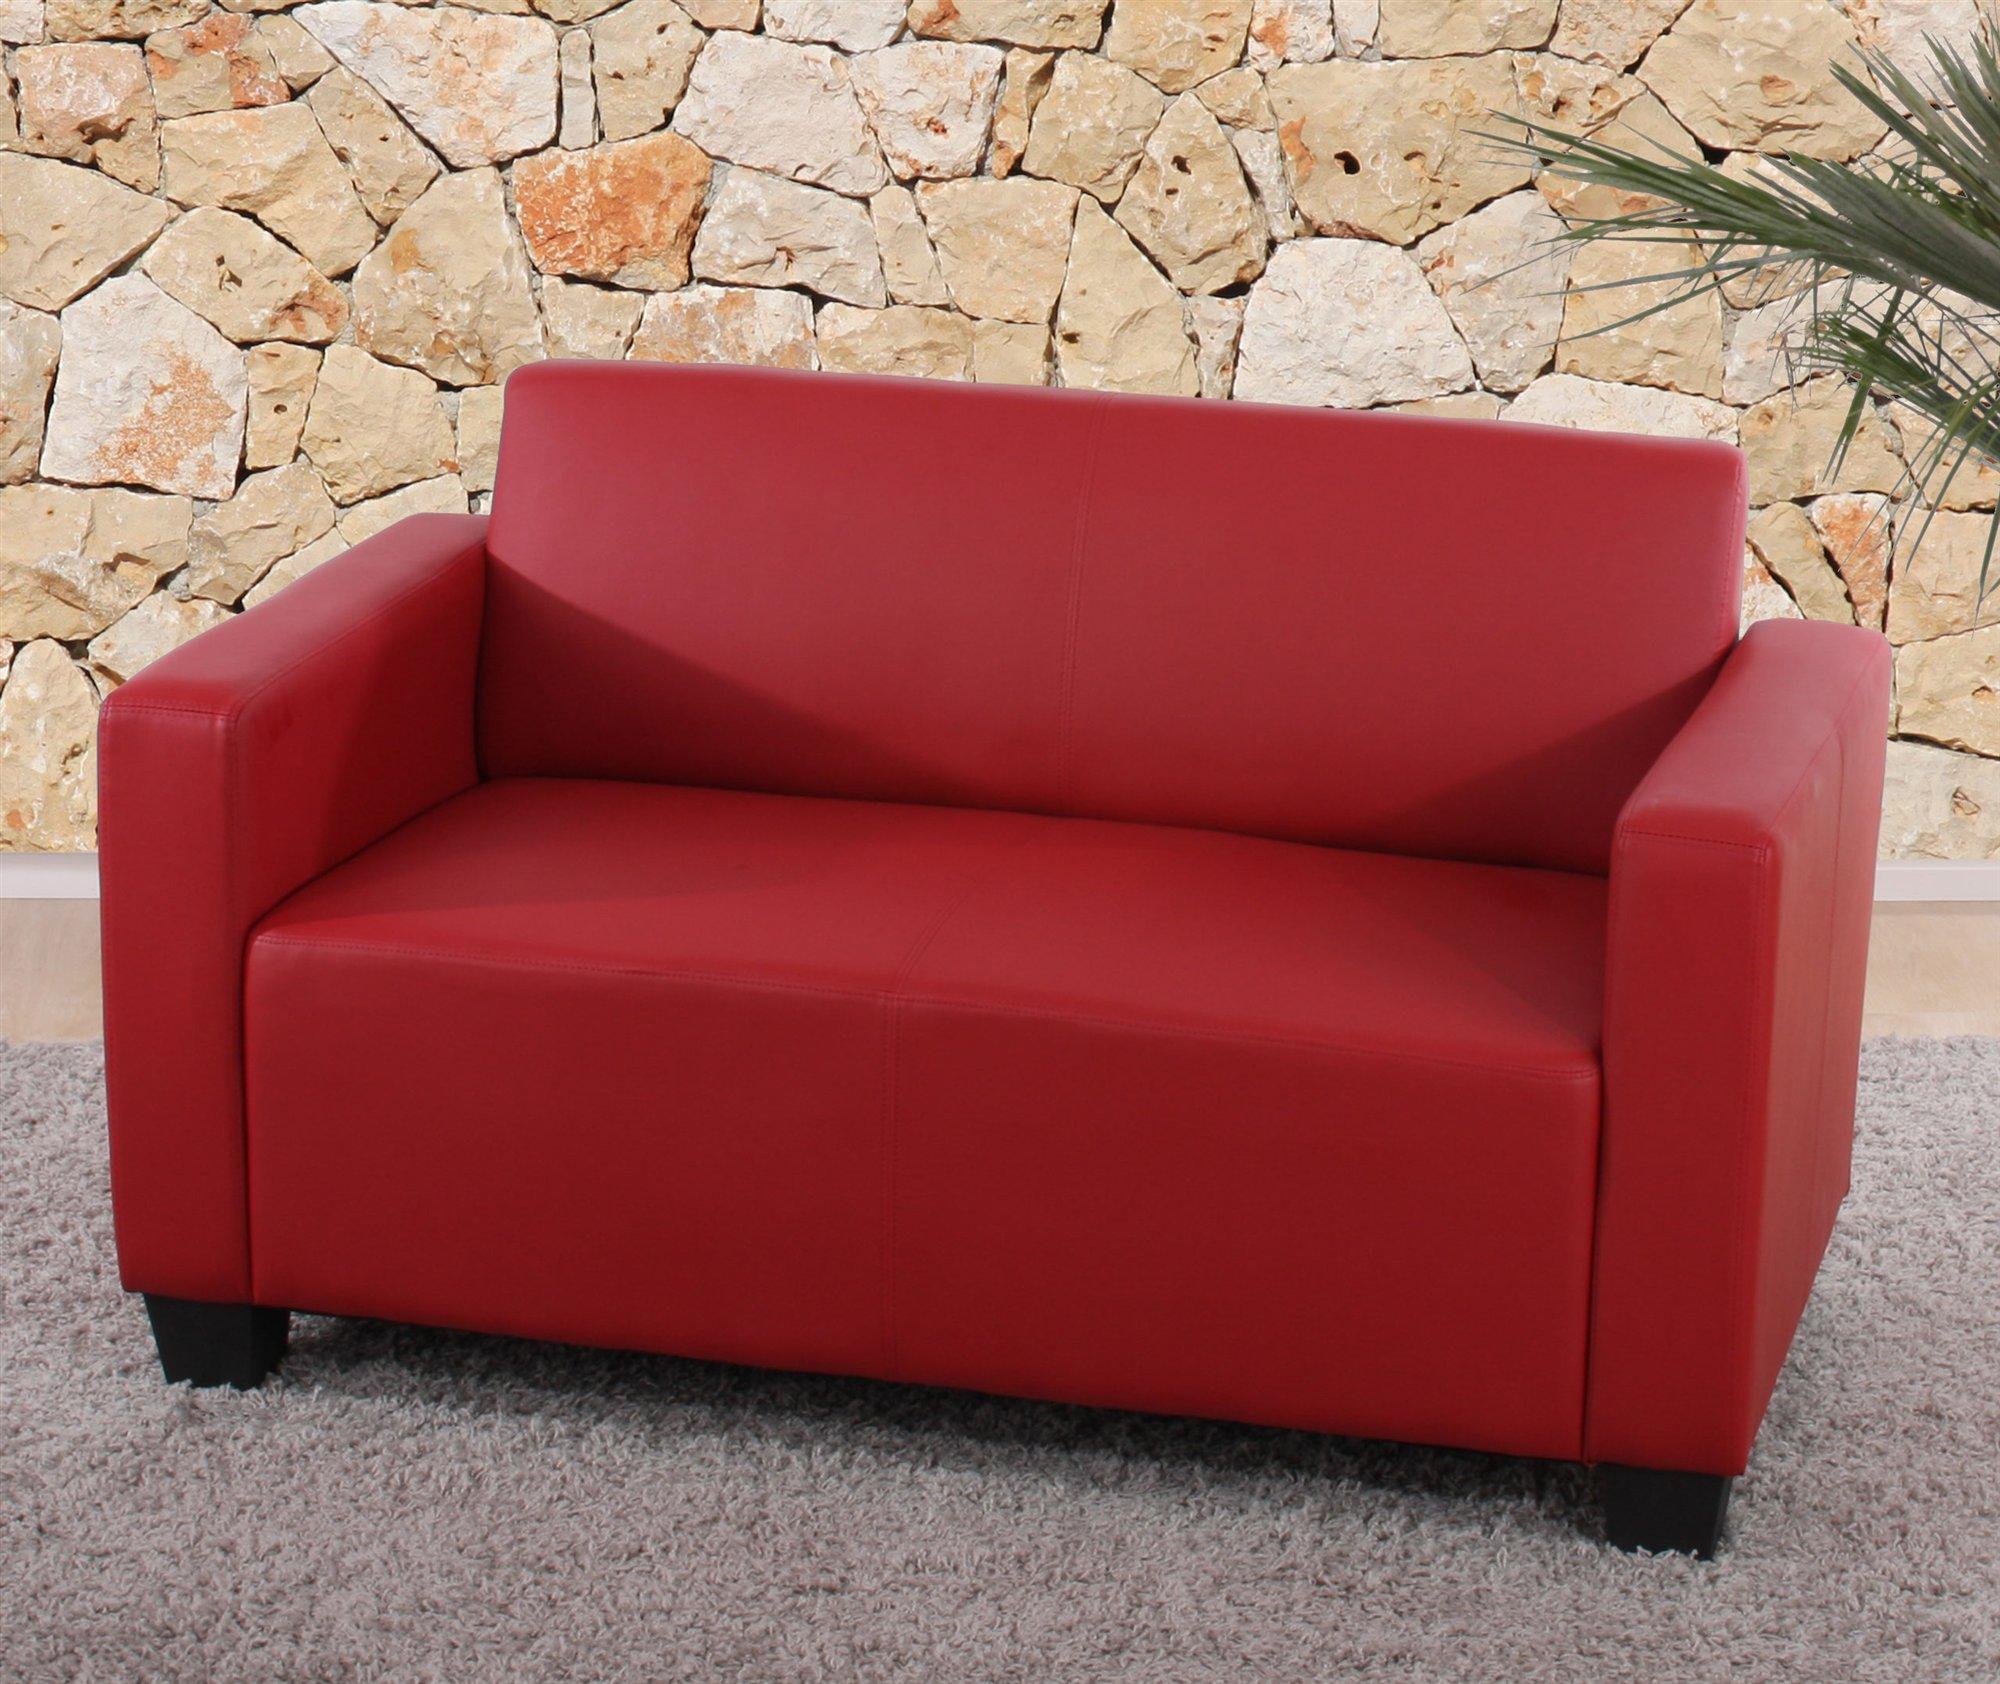 Asombroso Muebles Sofá De Dos Plazas De Cuero Rojo Viñeta - Muebles ...